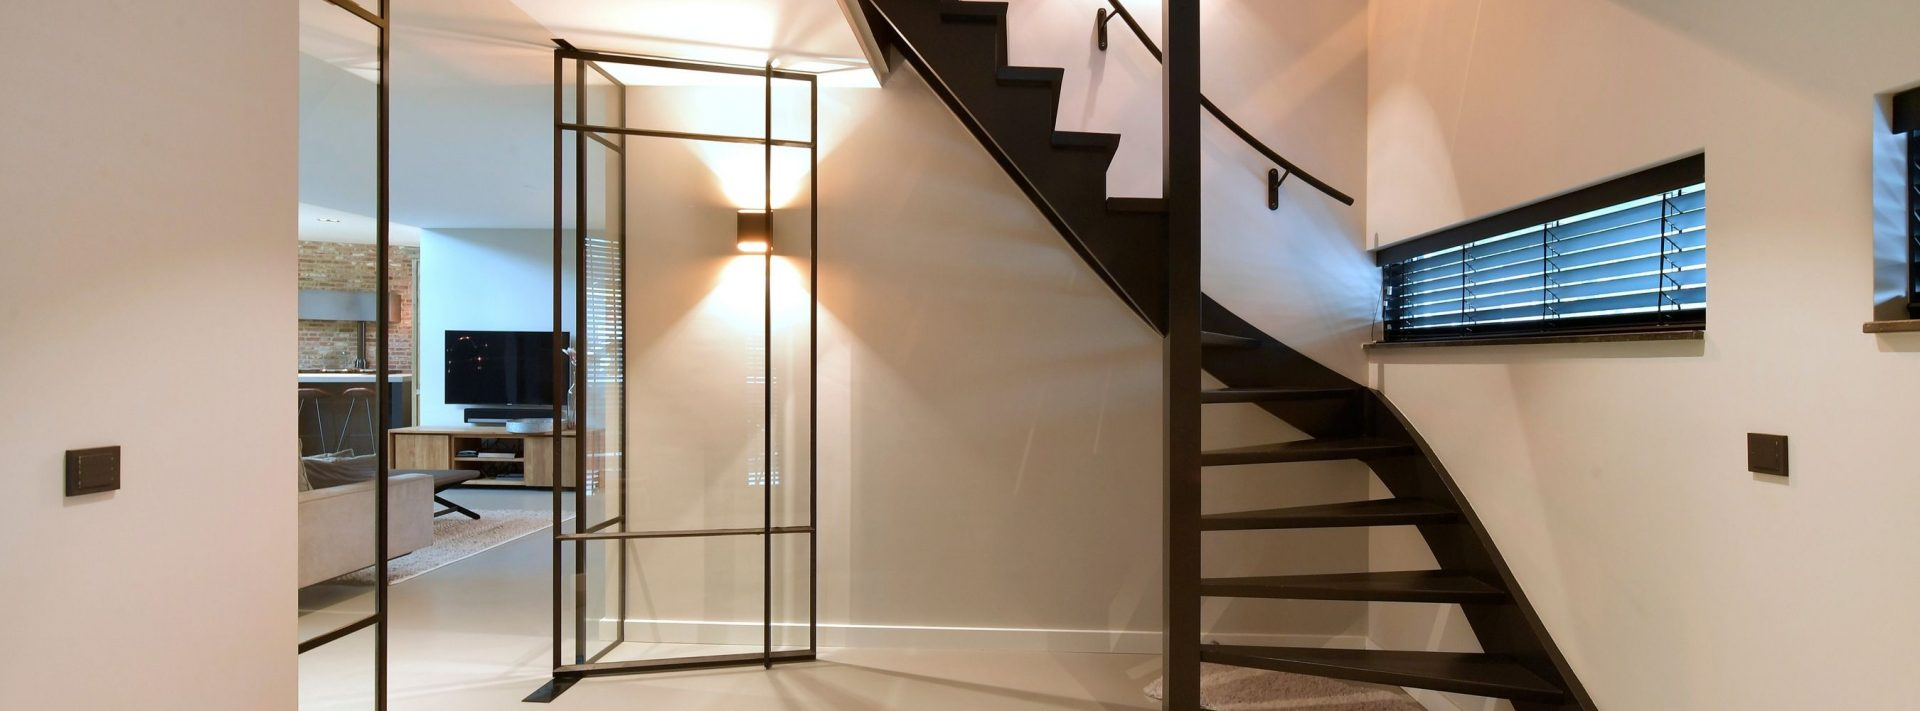 stalen deuren op maat, stalen deur met glas in hal gerealiseerd door Stalen Deuren Huys